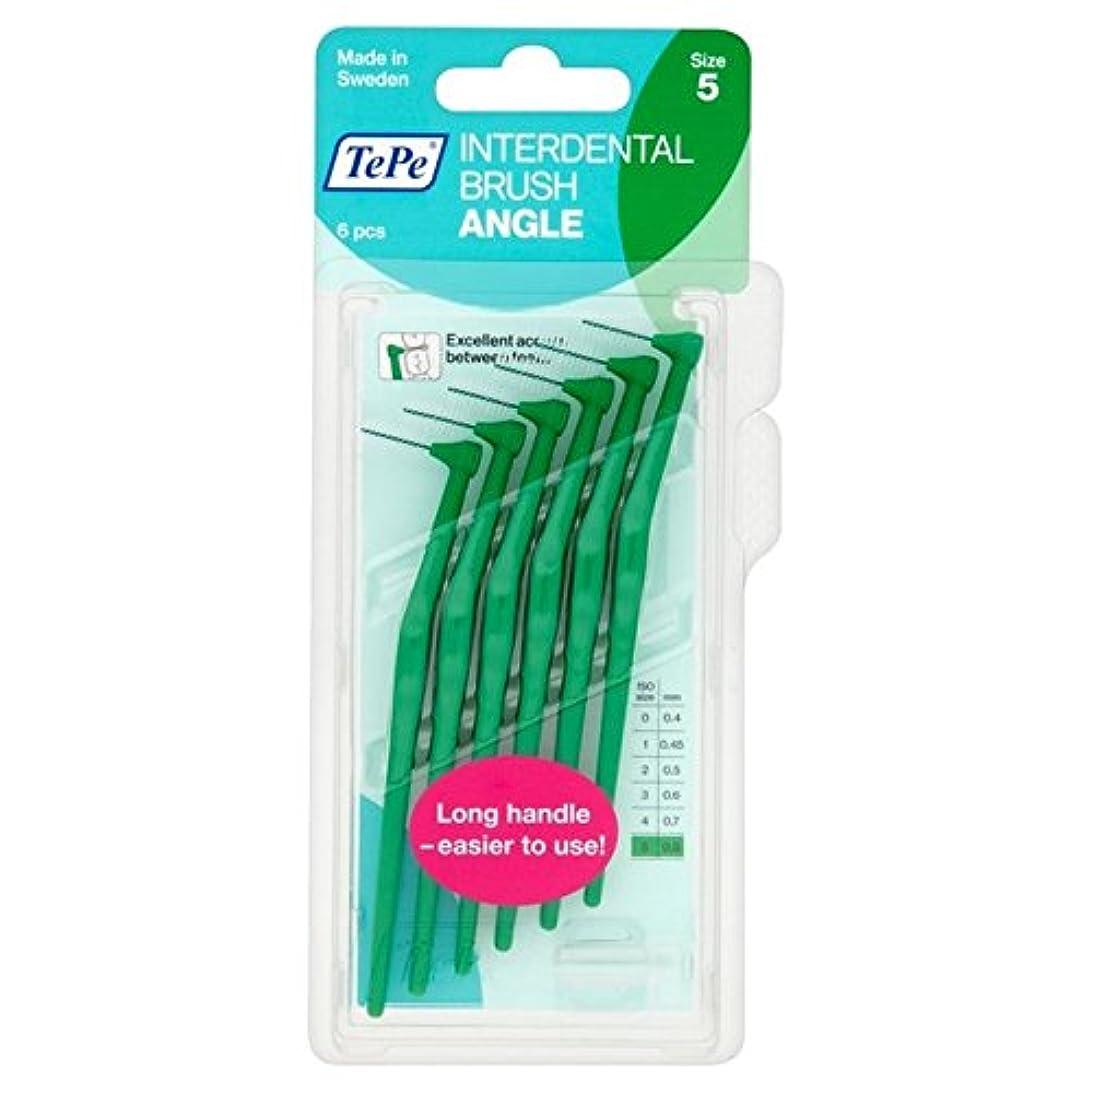 ハンカチ想像するグリーンバックTePe Angle Green 0.8mm 6 per pack - パックあたり6 0.8ミリメートル緑テペ角度 [並行輸入品]